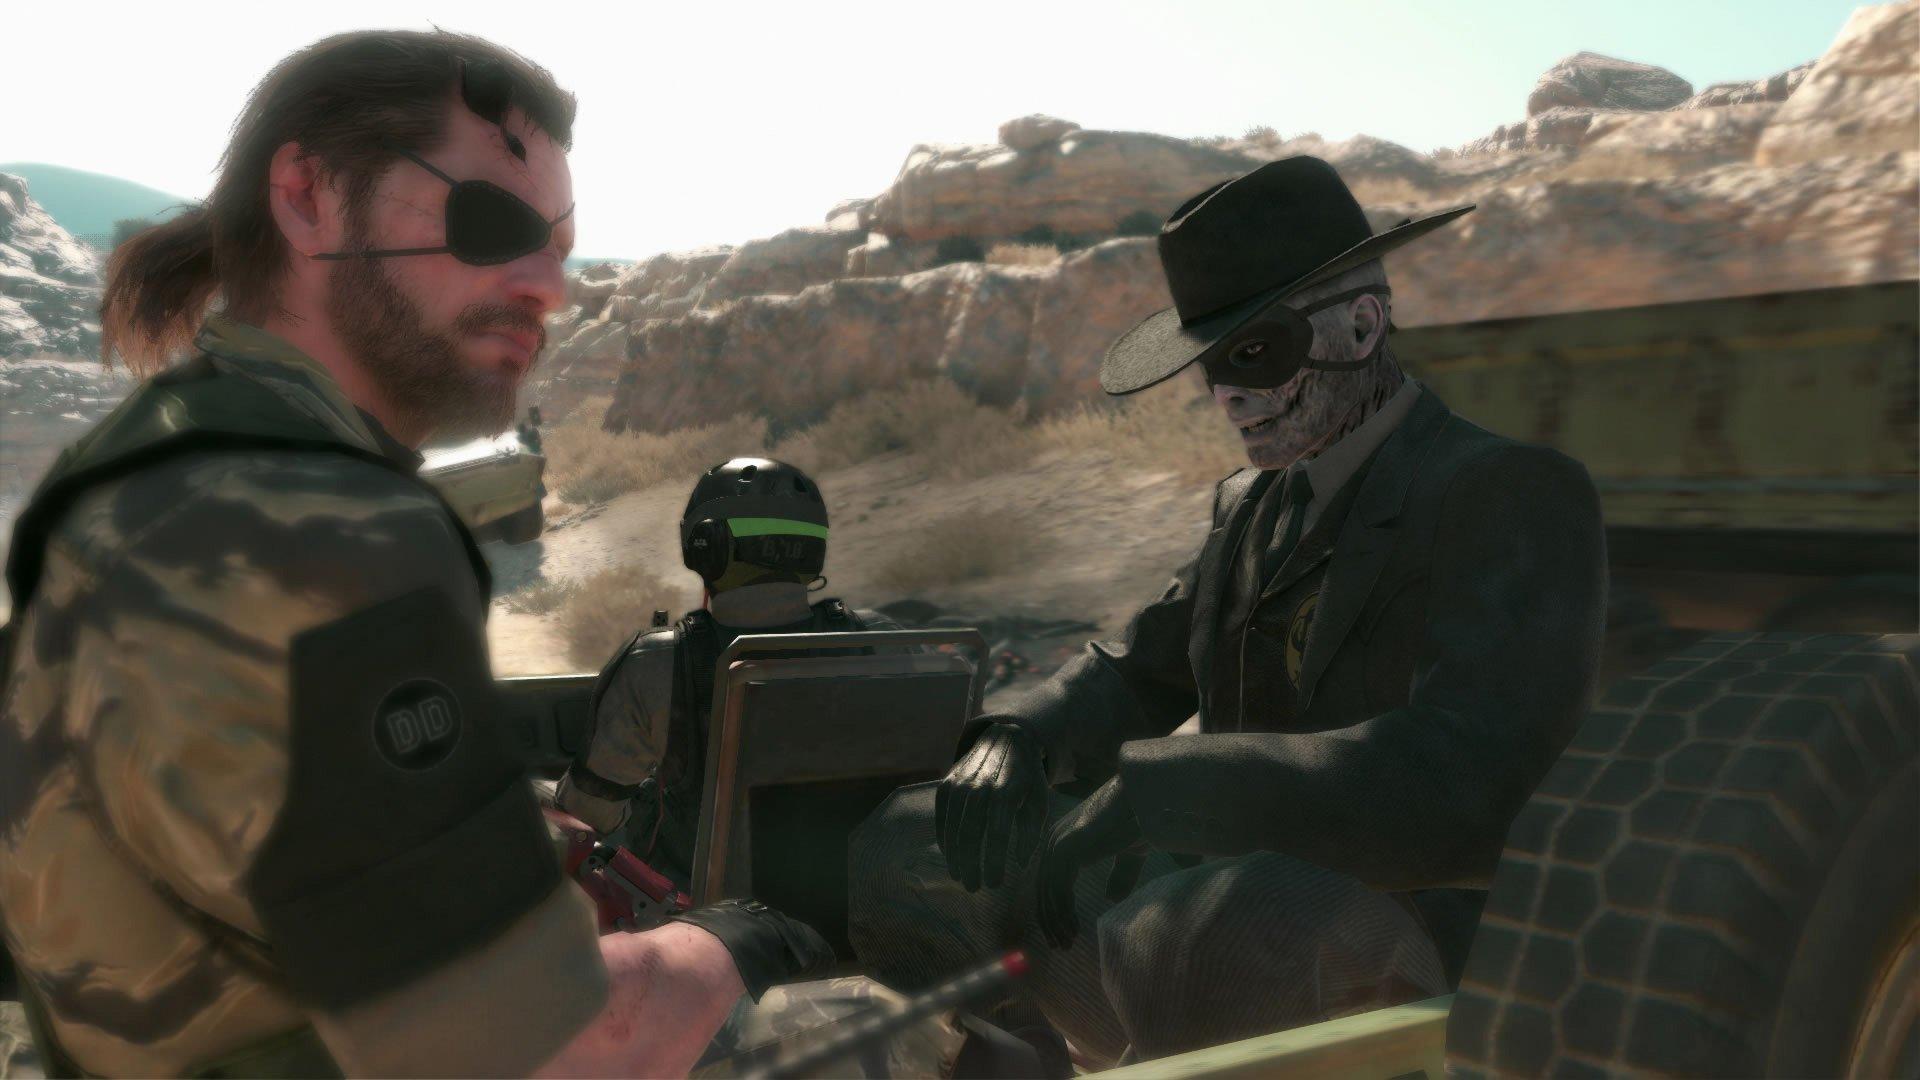 [дополнено] Кто убил Metal Gear Solid V? (спойлеры). - Изображение 2